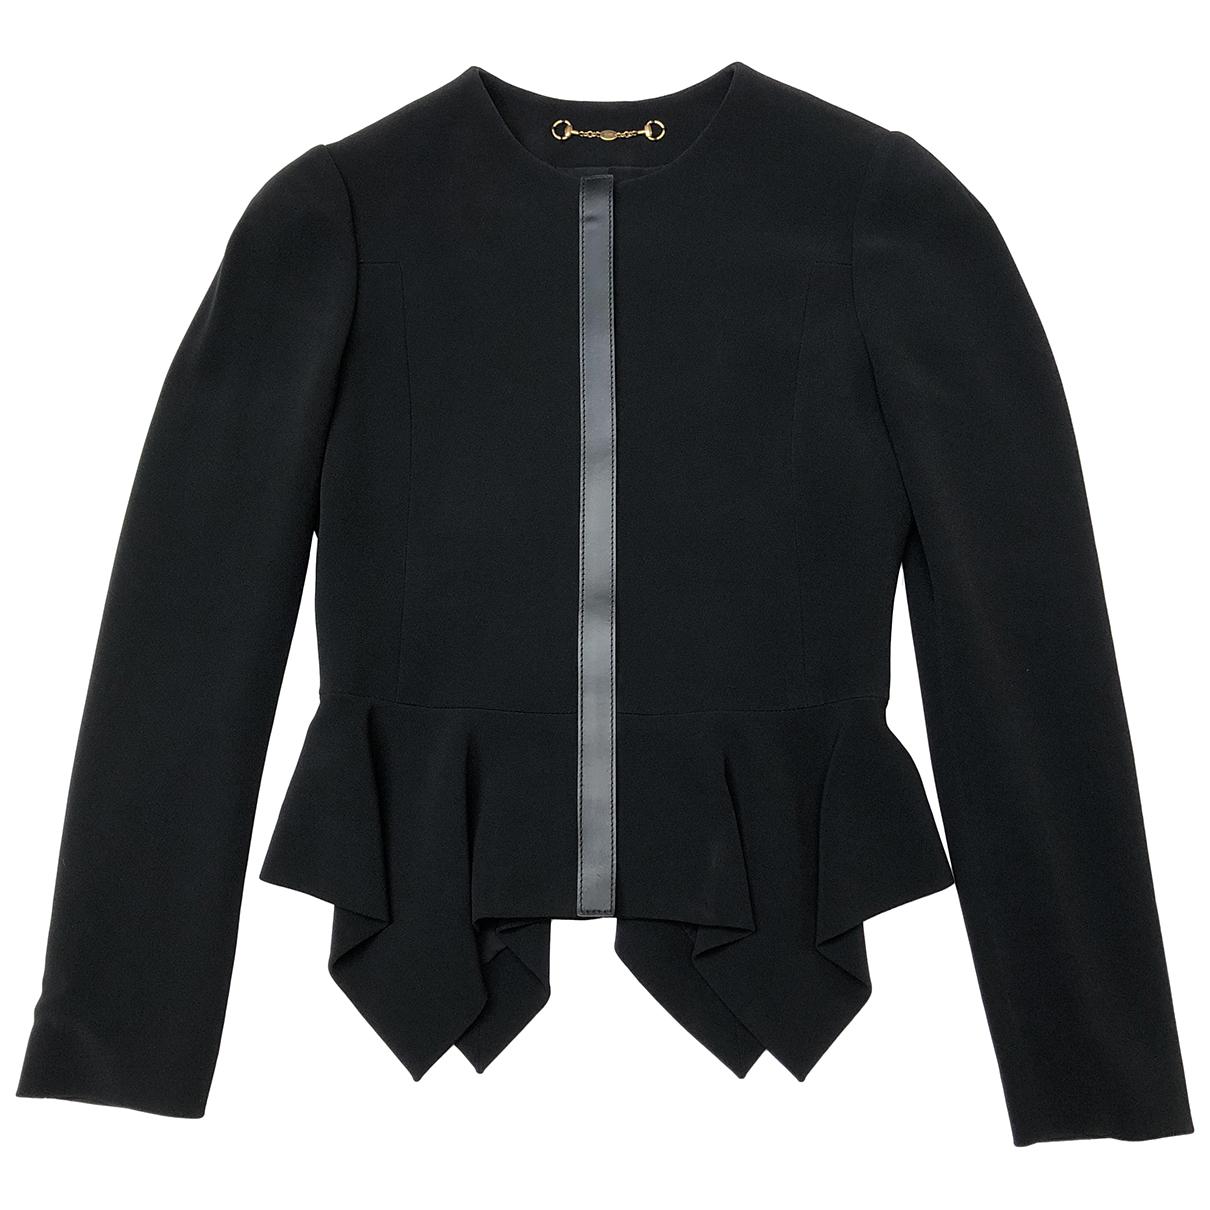 Gucci - Veste   pour femme - noir